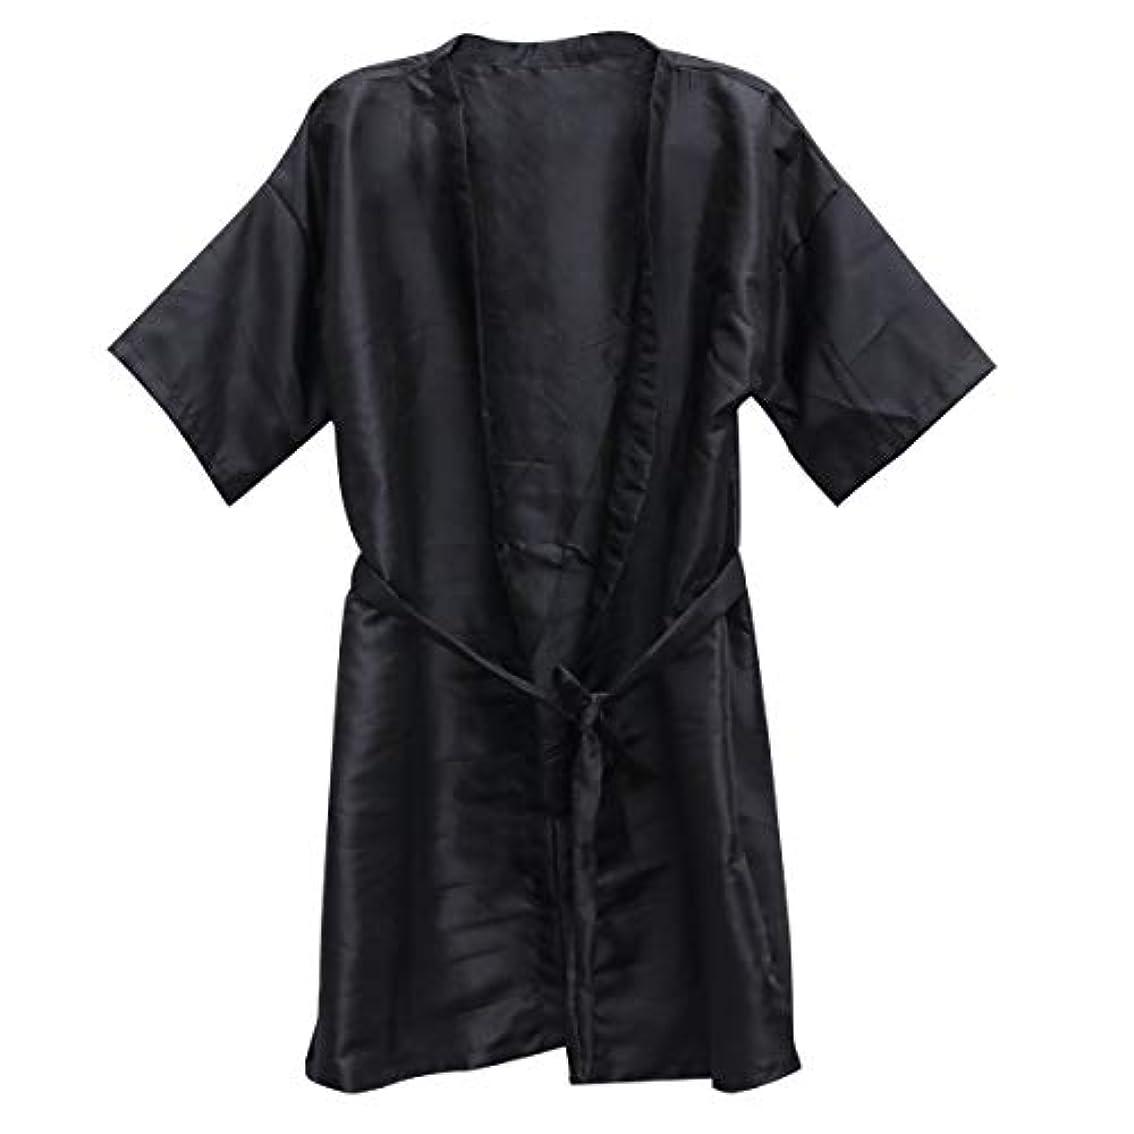 抱擁事適切にFrcolor 美容院ケープ 理髪エプロン ヘア染めスーツ (ブラック)